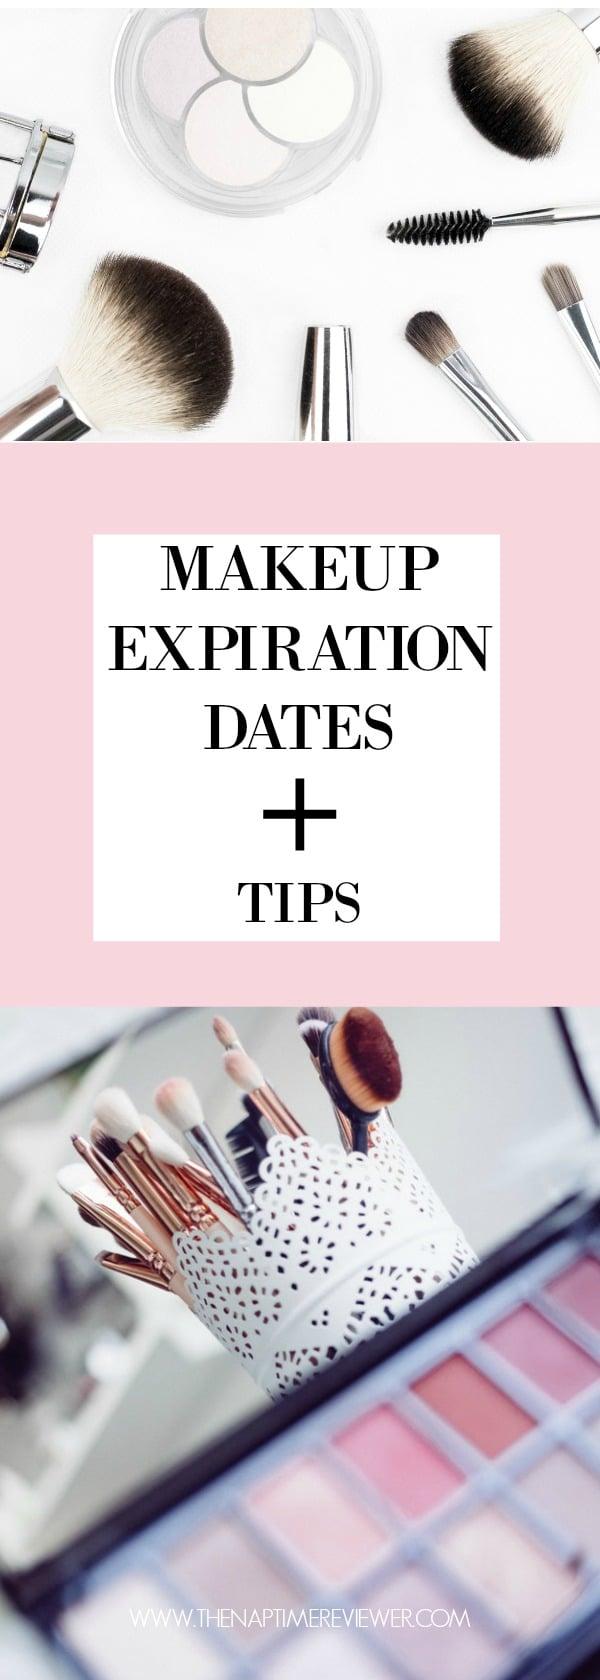 Makeup Expiration Dates and Tips